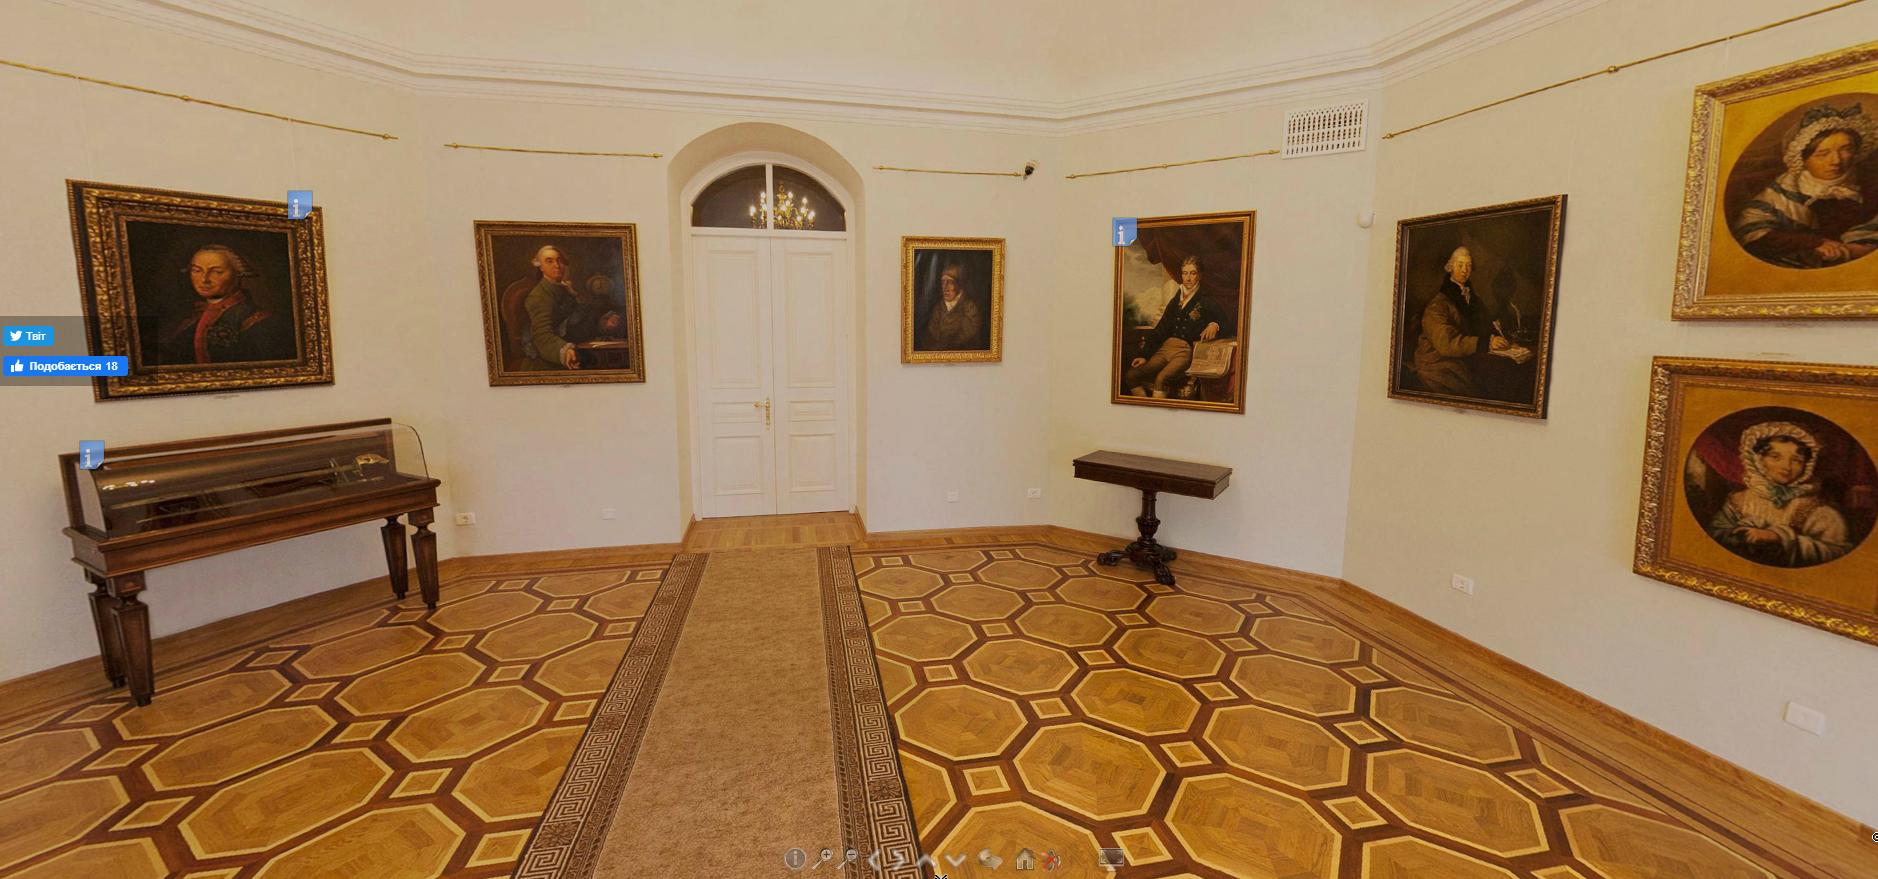 Подорожувати Батурином, не встаючи з дивану: віртуальна «Гетьманська столиця» (Фото)